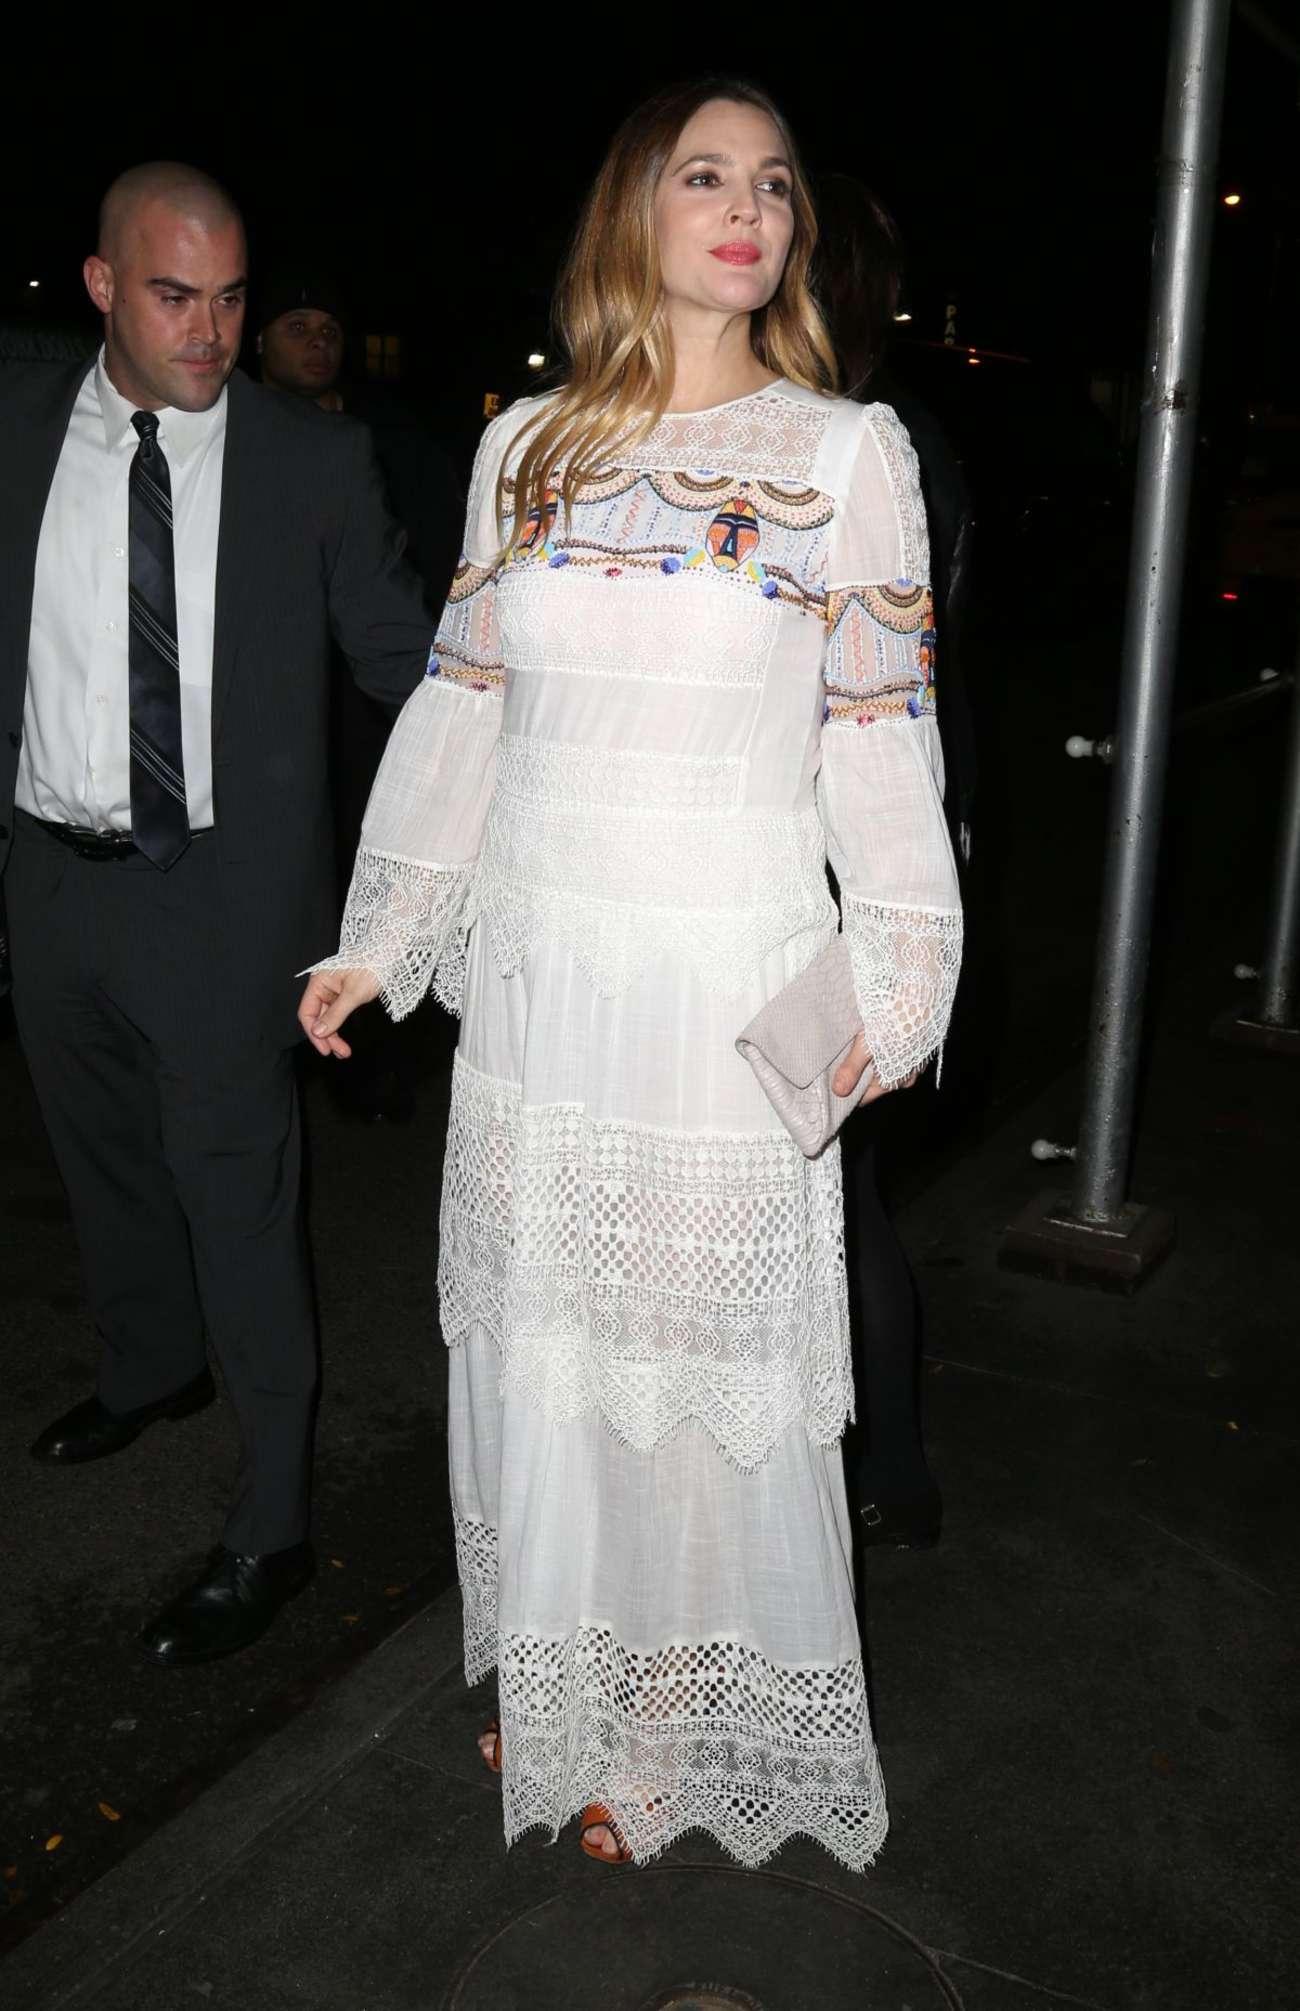 Drew Barrymore 2015 : Drew Barrymore in White Long Dress -05